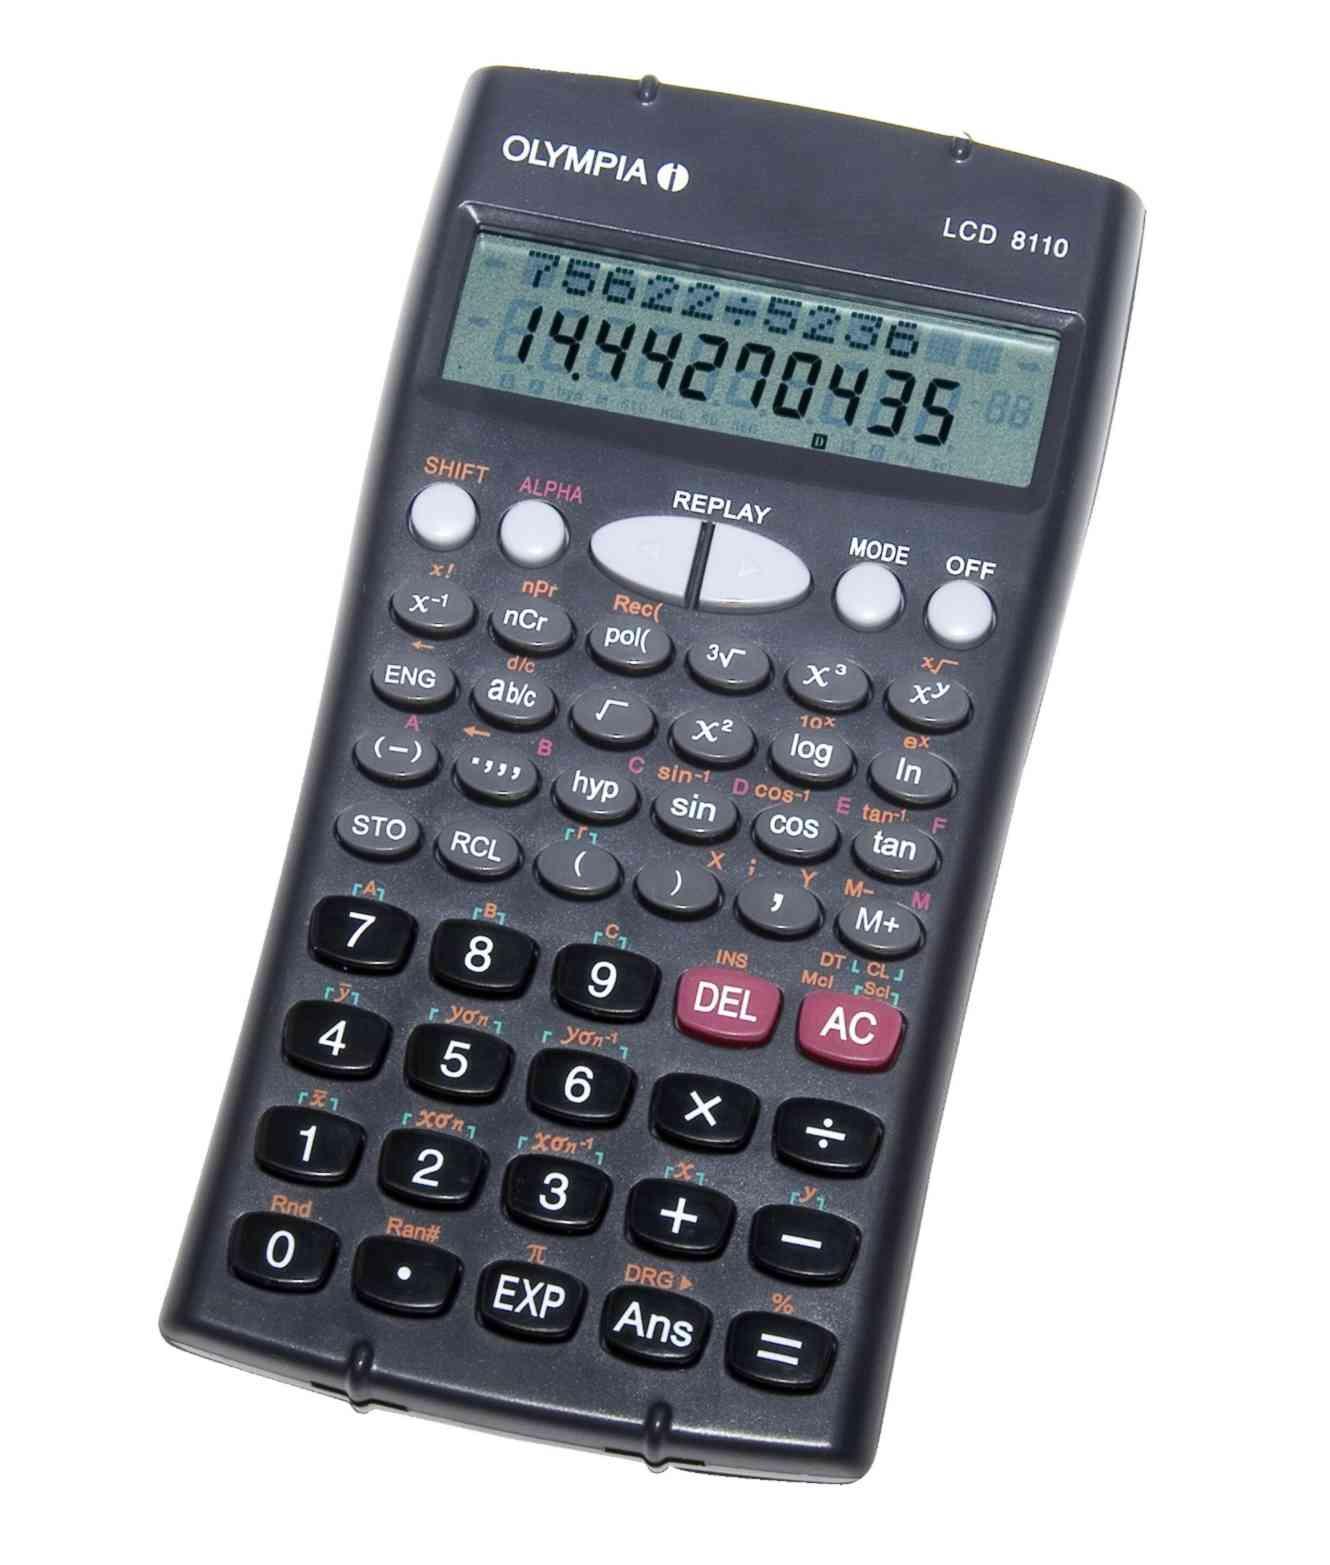 Olympia LCD 8110 - Wissenschaftlicher Taschenrechner - 12- und 10-stelliges Display